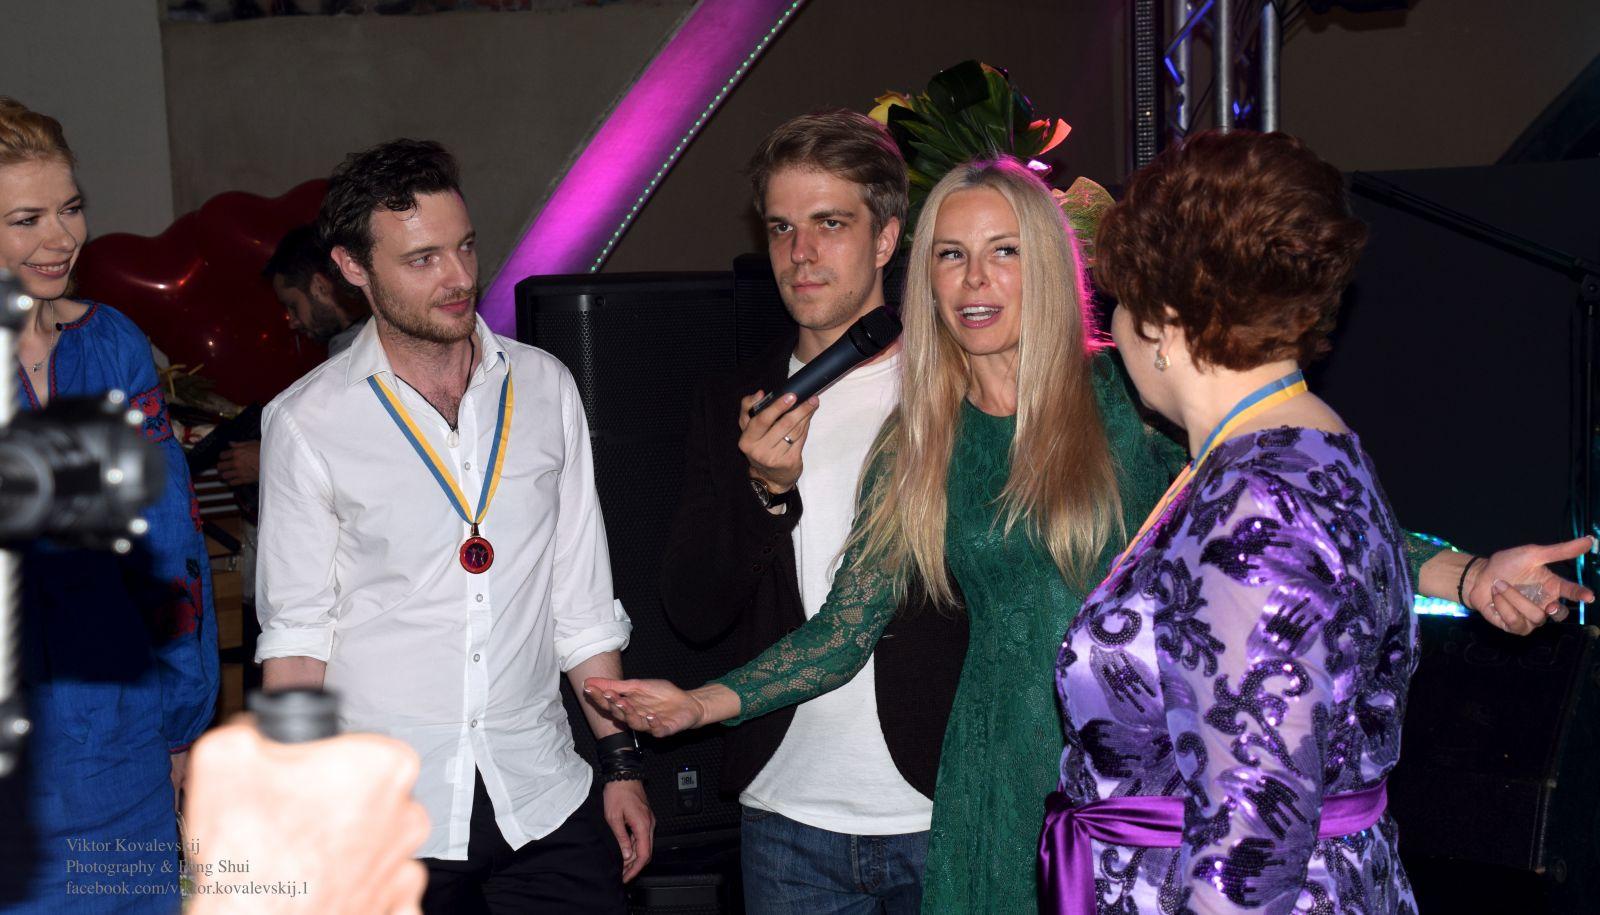 http://viva.ua/lifestar/news/37809-beremennaya-liv-tayler-opublikovala-trogateljnoe-foto-s-sinom.preview